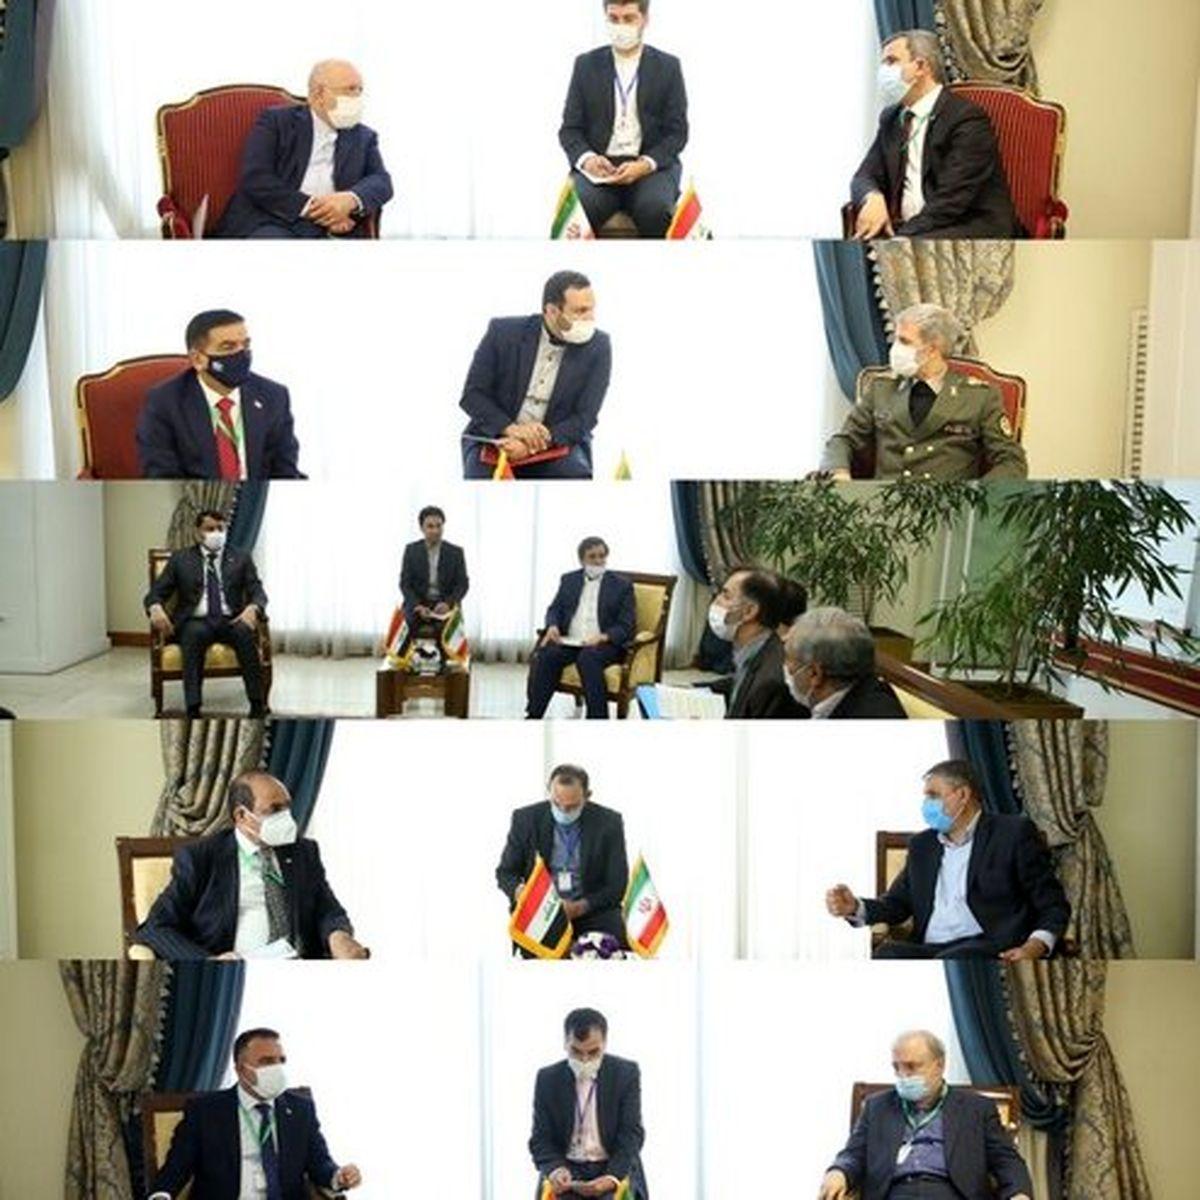 گفتوگوی خصوصی مقامات دولتی ایران و عراق